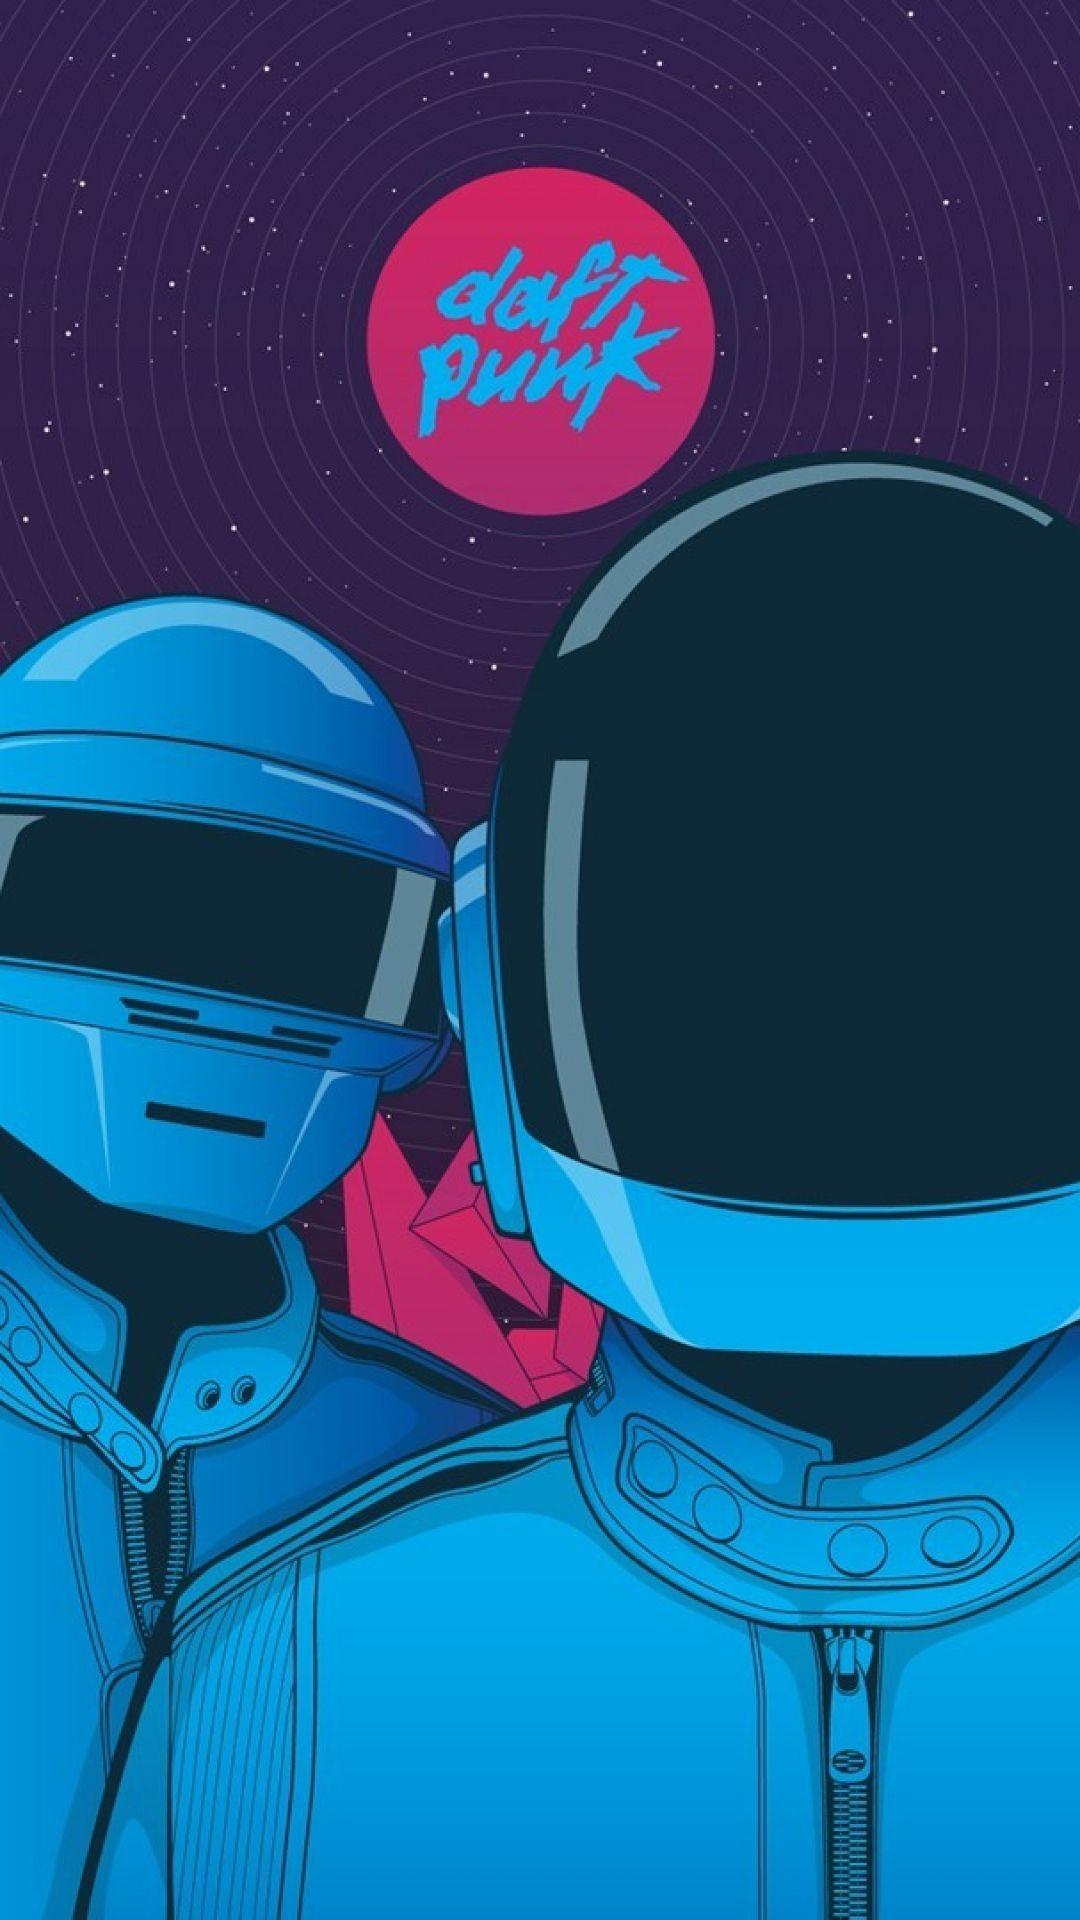 Daft Punk Graphic Daft Punk Daft Punk Poster Punk Art